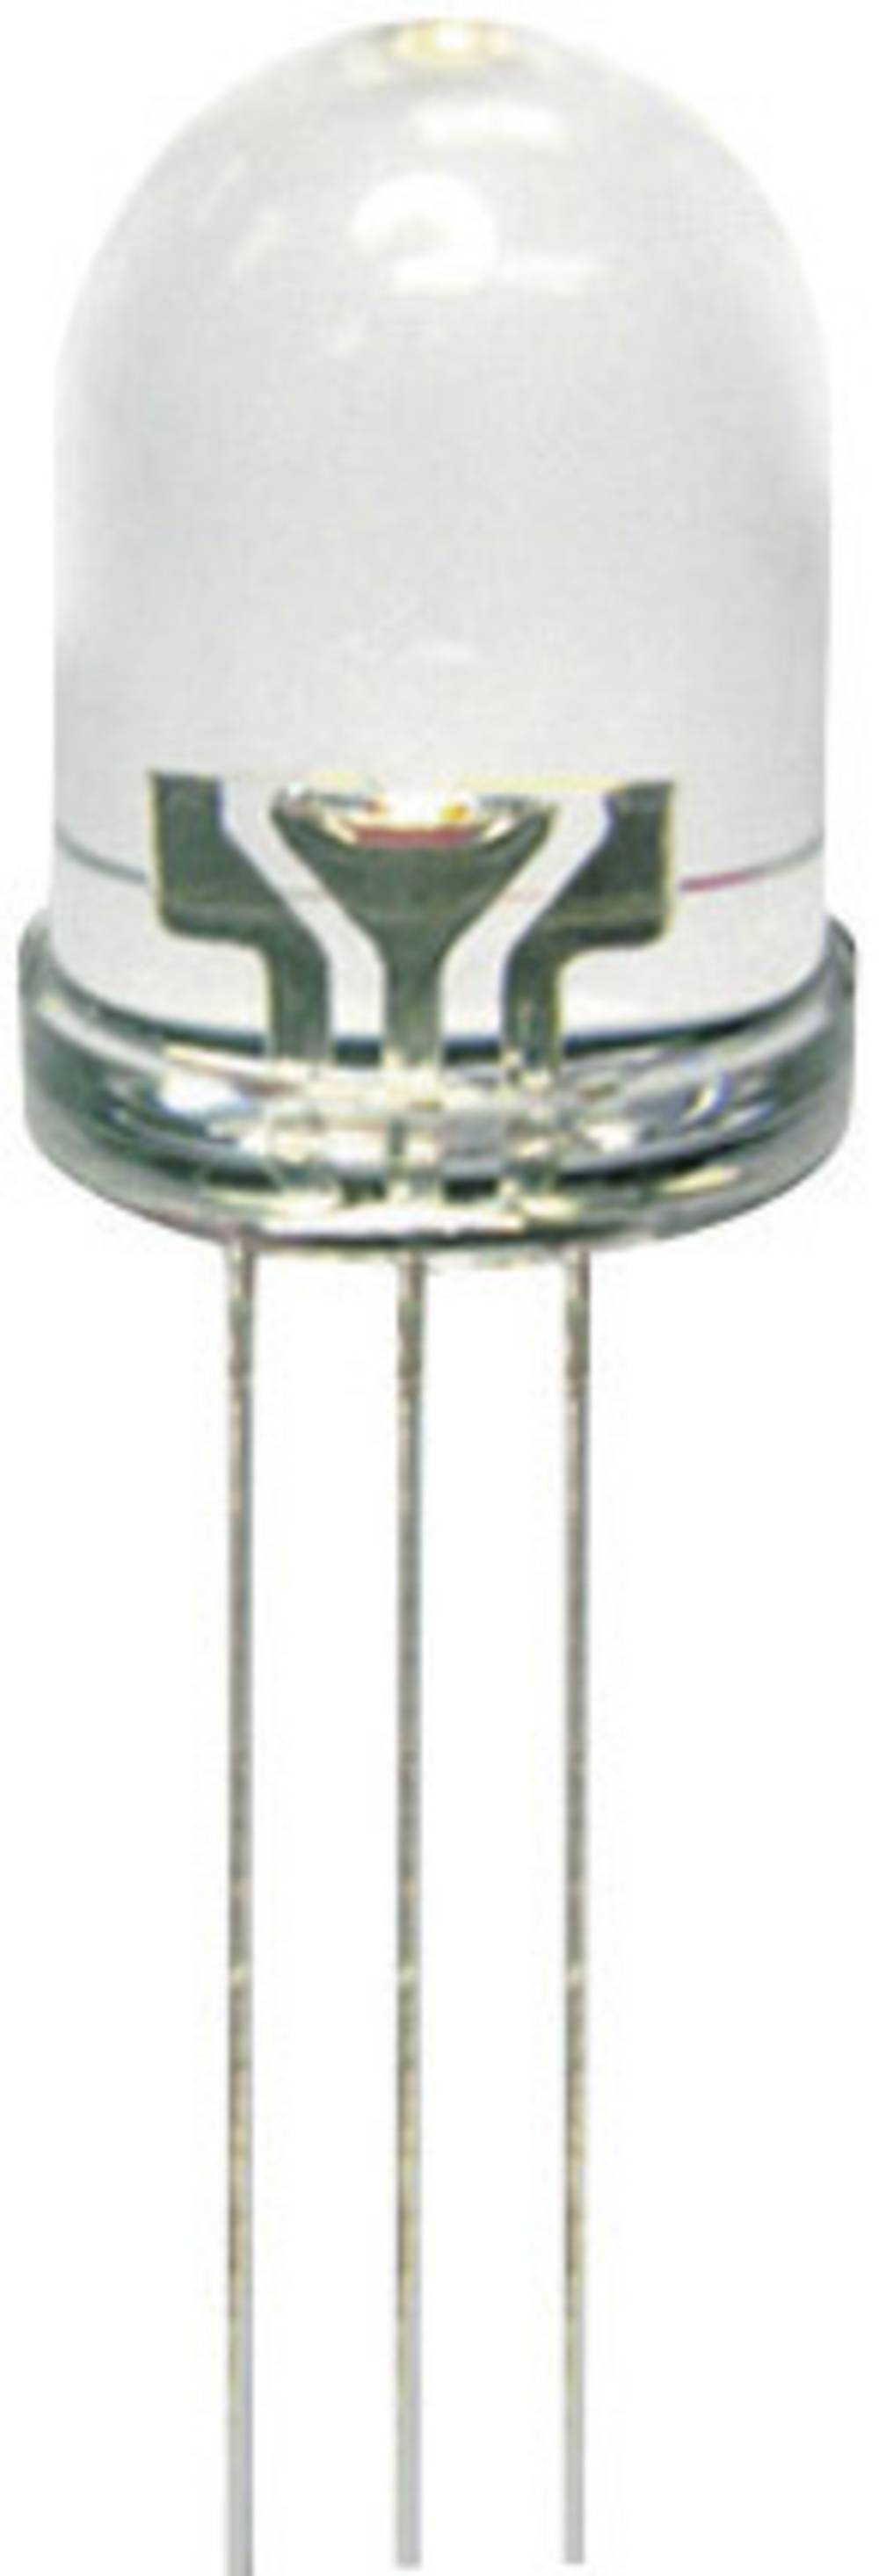 LED dioda, višebojna, crvena, žuta, okrugla 3 mm 40 mcd, 20 mcd 60 ° 20 mA 2 V, 2.1 V Kingbright L-115WEYW